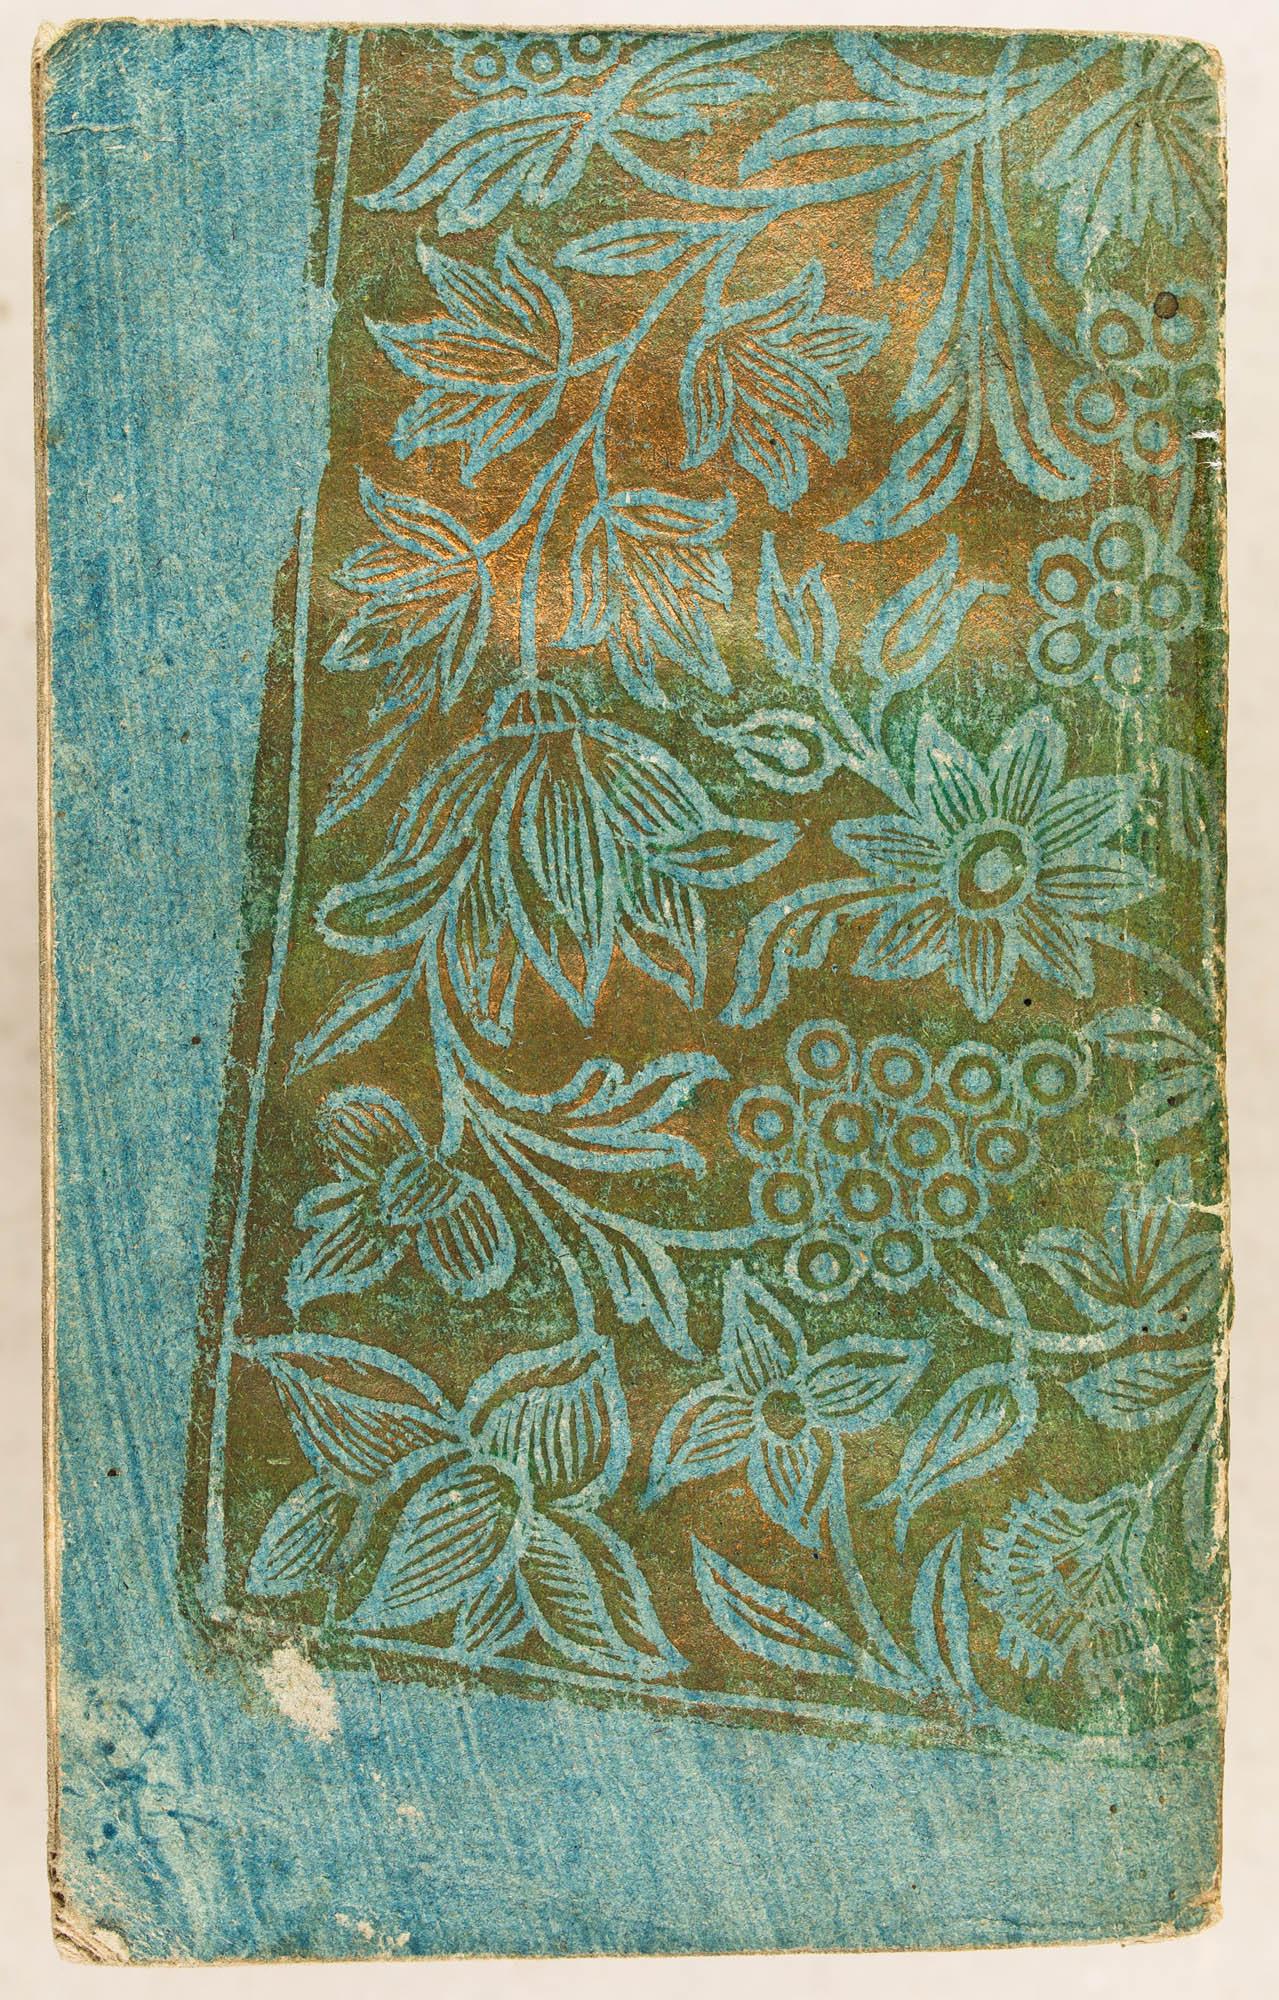 Doré gaufré imprimé en négatif sur papier bleu, imprimé de guingois. XVIIIe s.